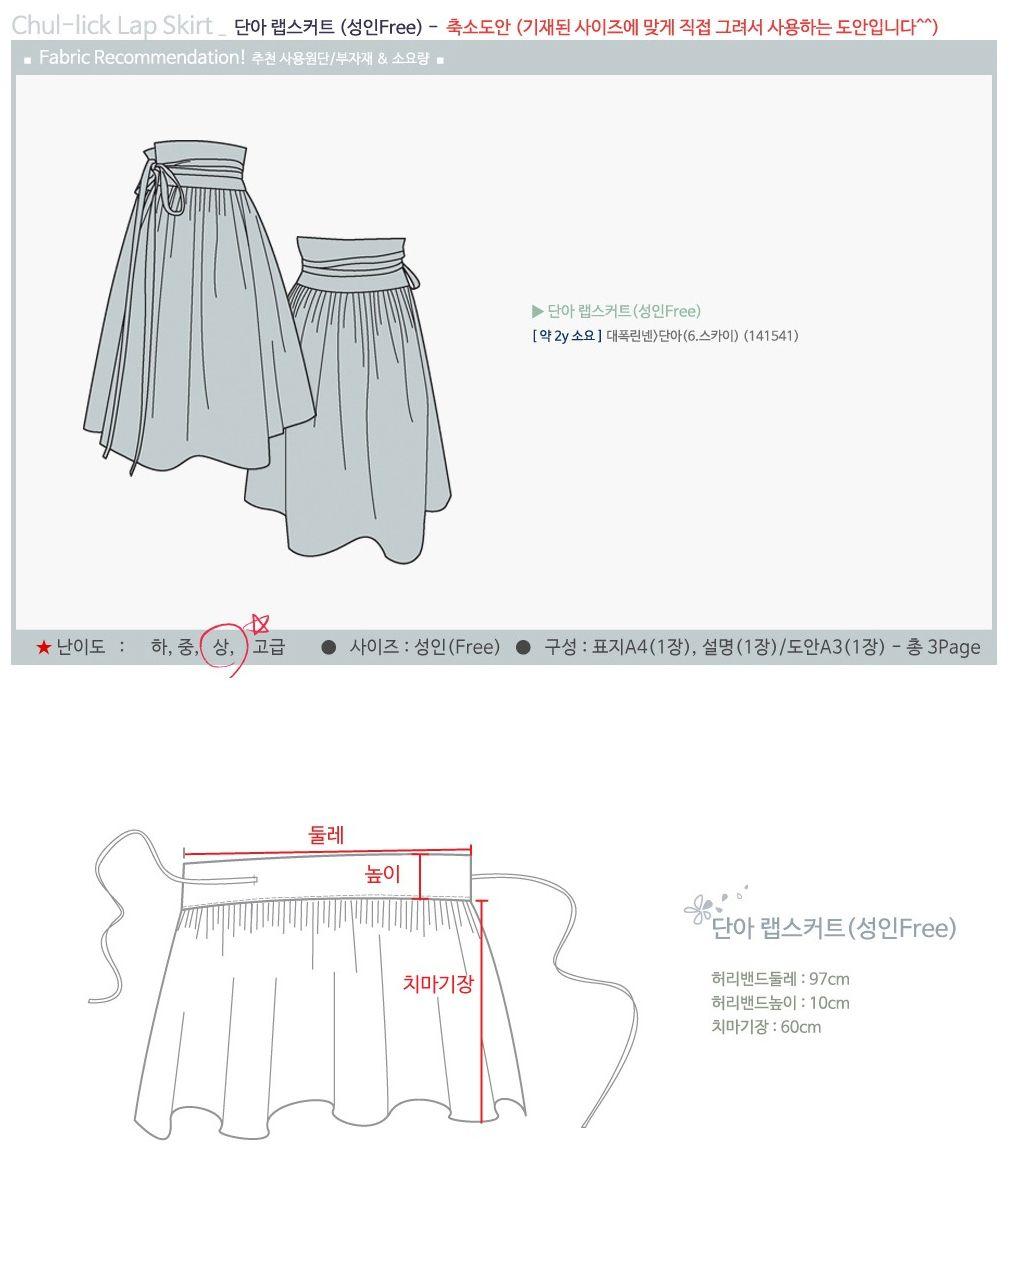 단아 랩스커트 (성인) 도안 | 의상 | Pinterest | Costura, Ropa y Patrones